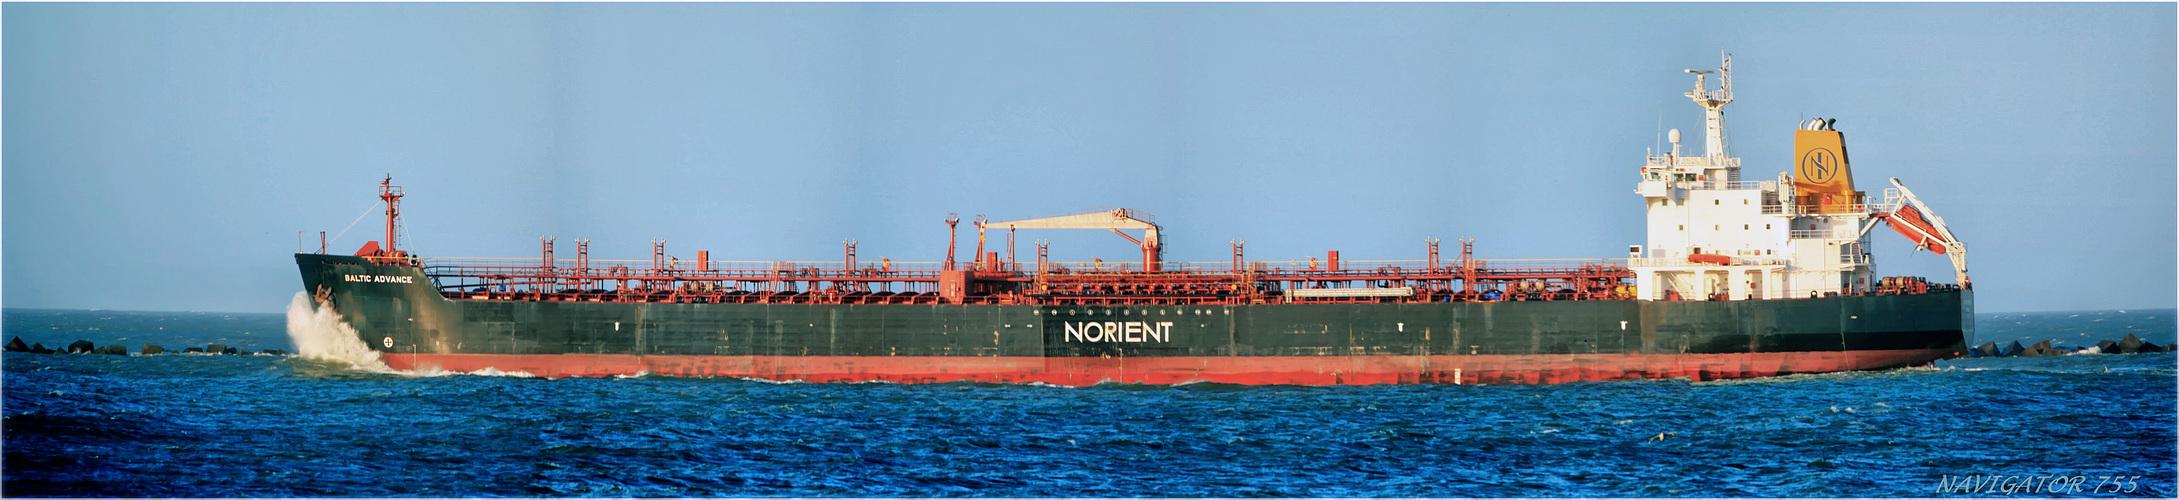 BALTIC ADVANCE /Crude Oil Tanker / Maasmond / Rotterdam / Bitte scrollen!